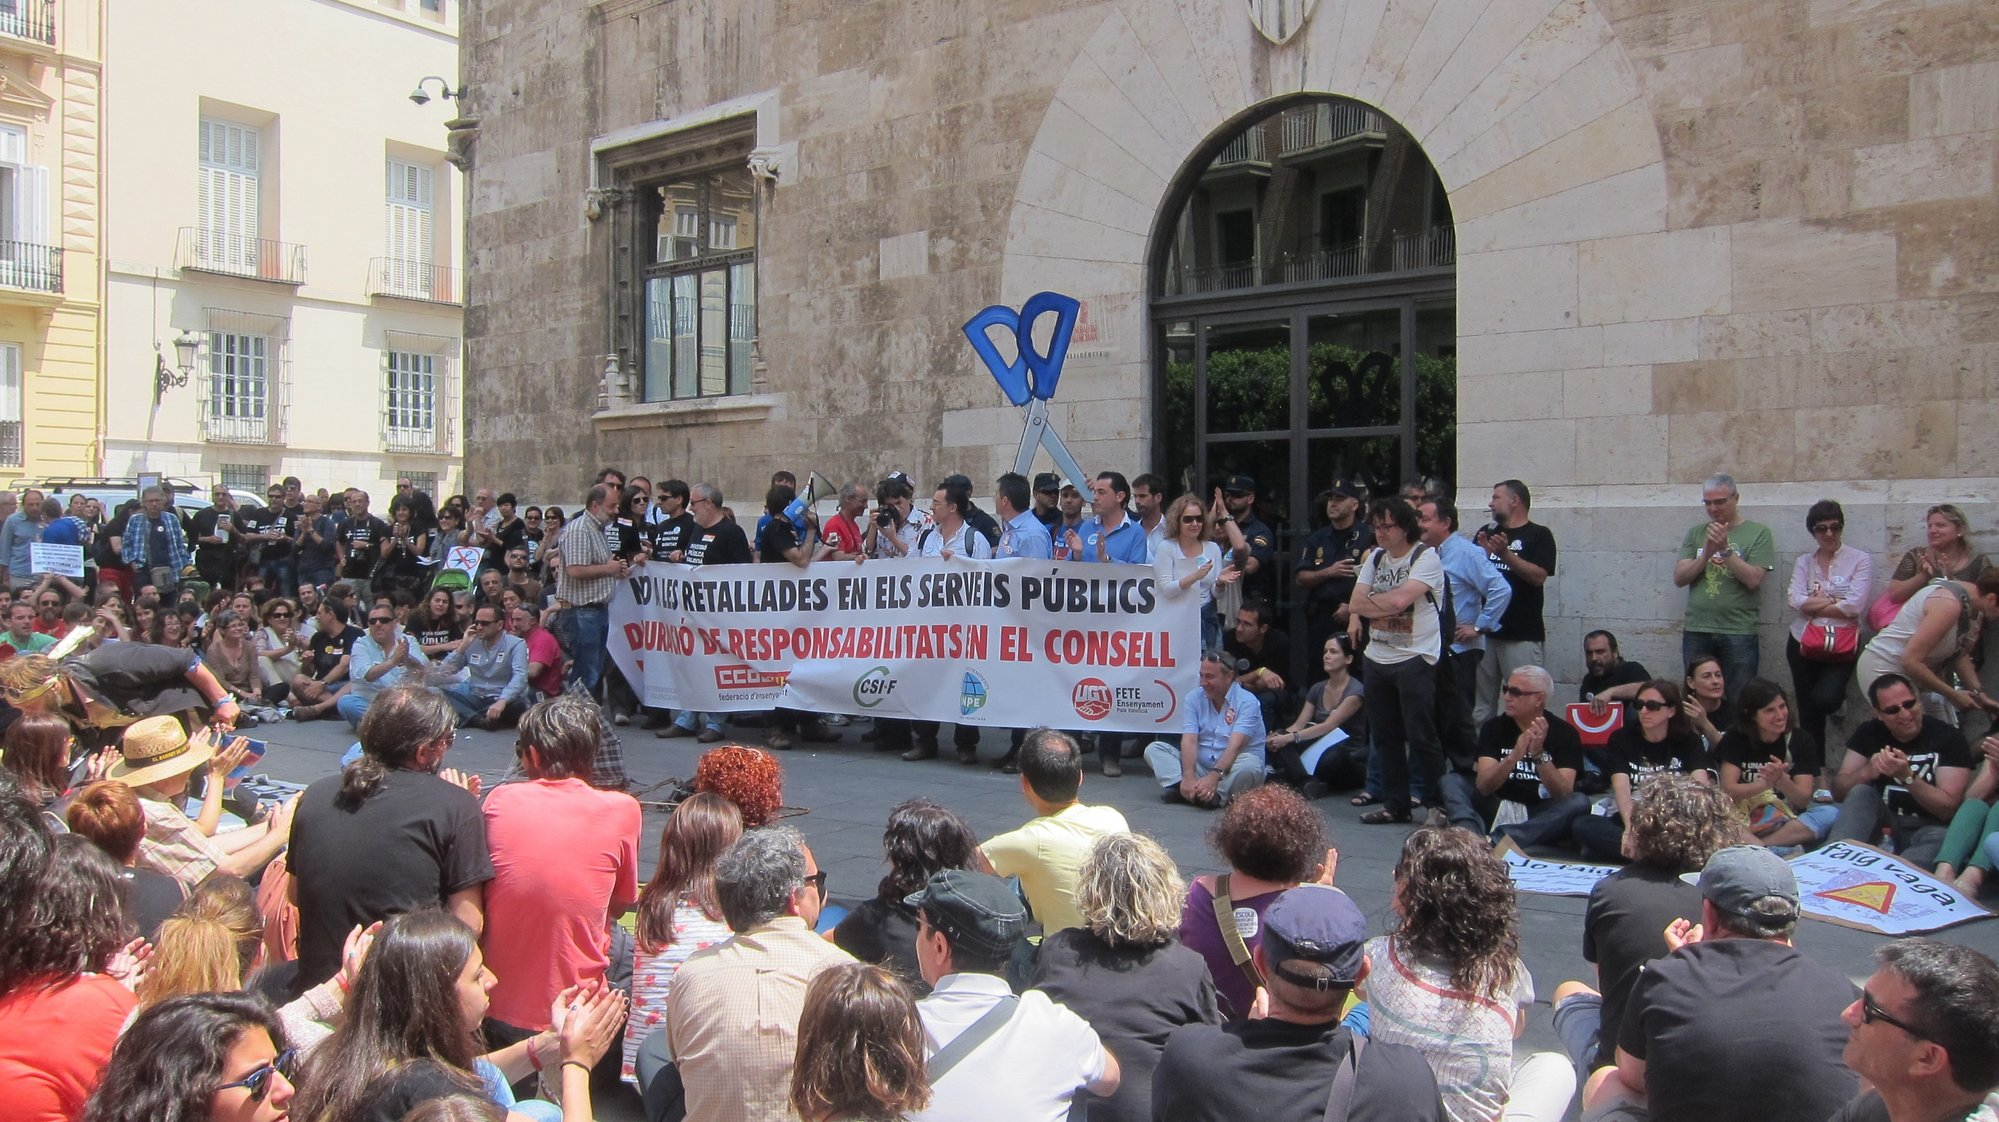 Guerra de cifras en la huelga educativa en Valencia